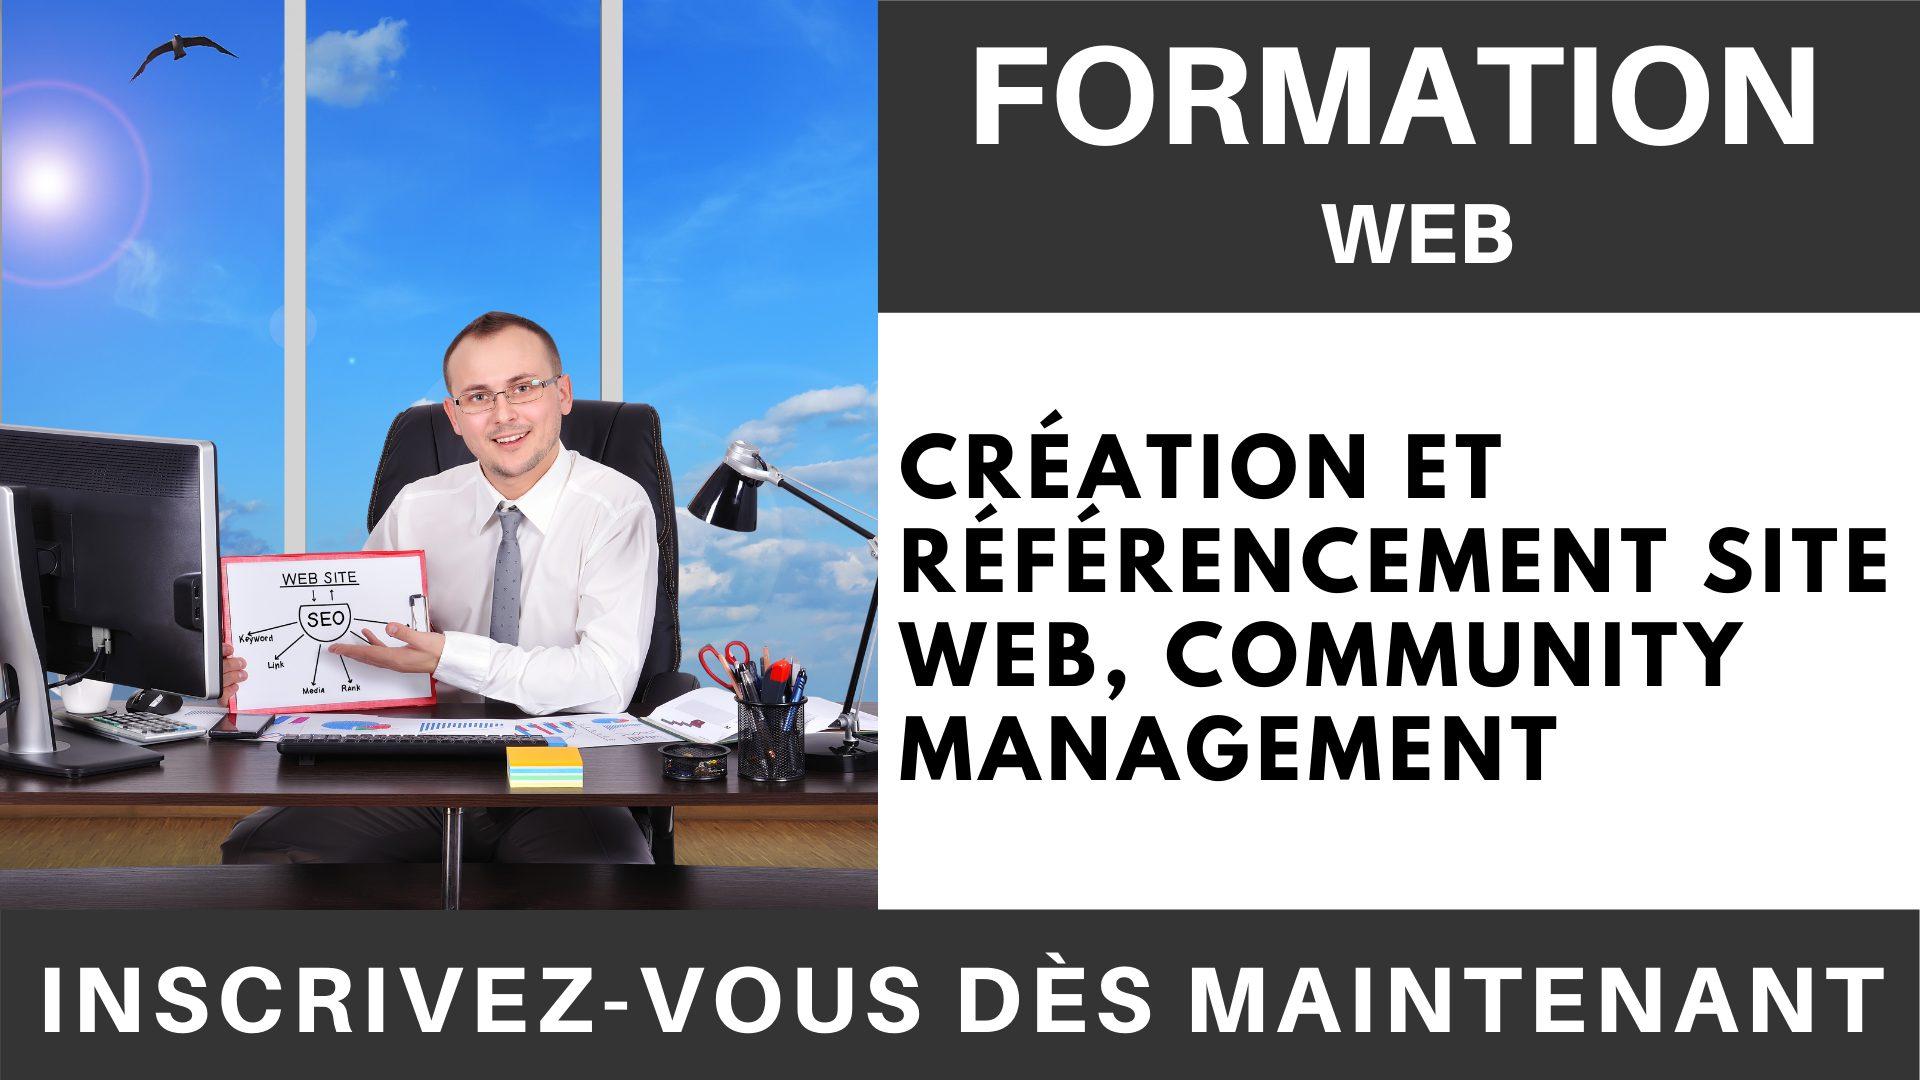 Formation WEB - Création et référencement site web, Community Management